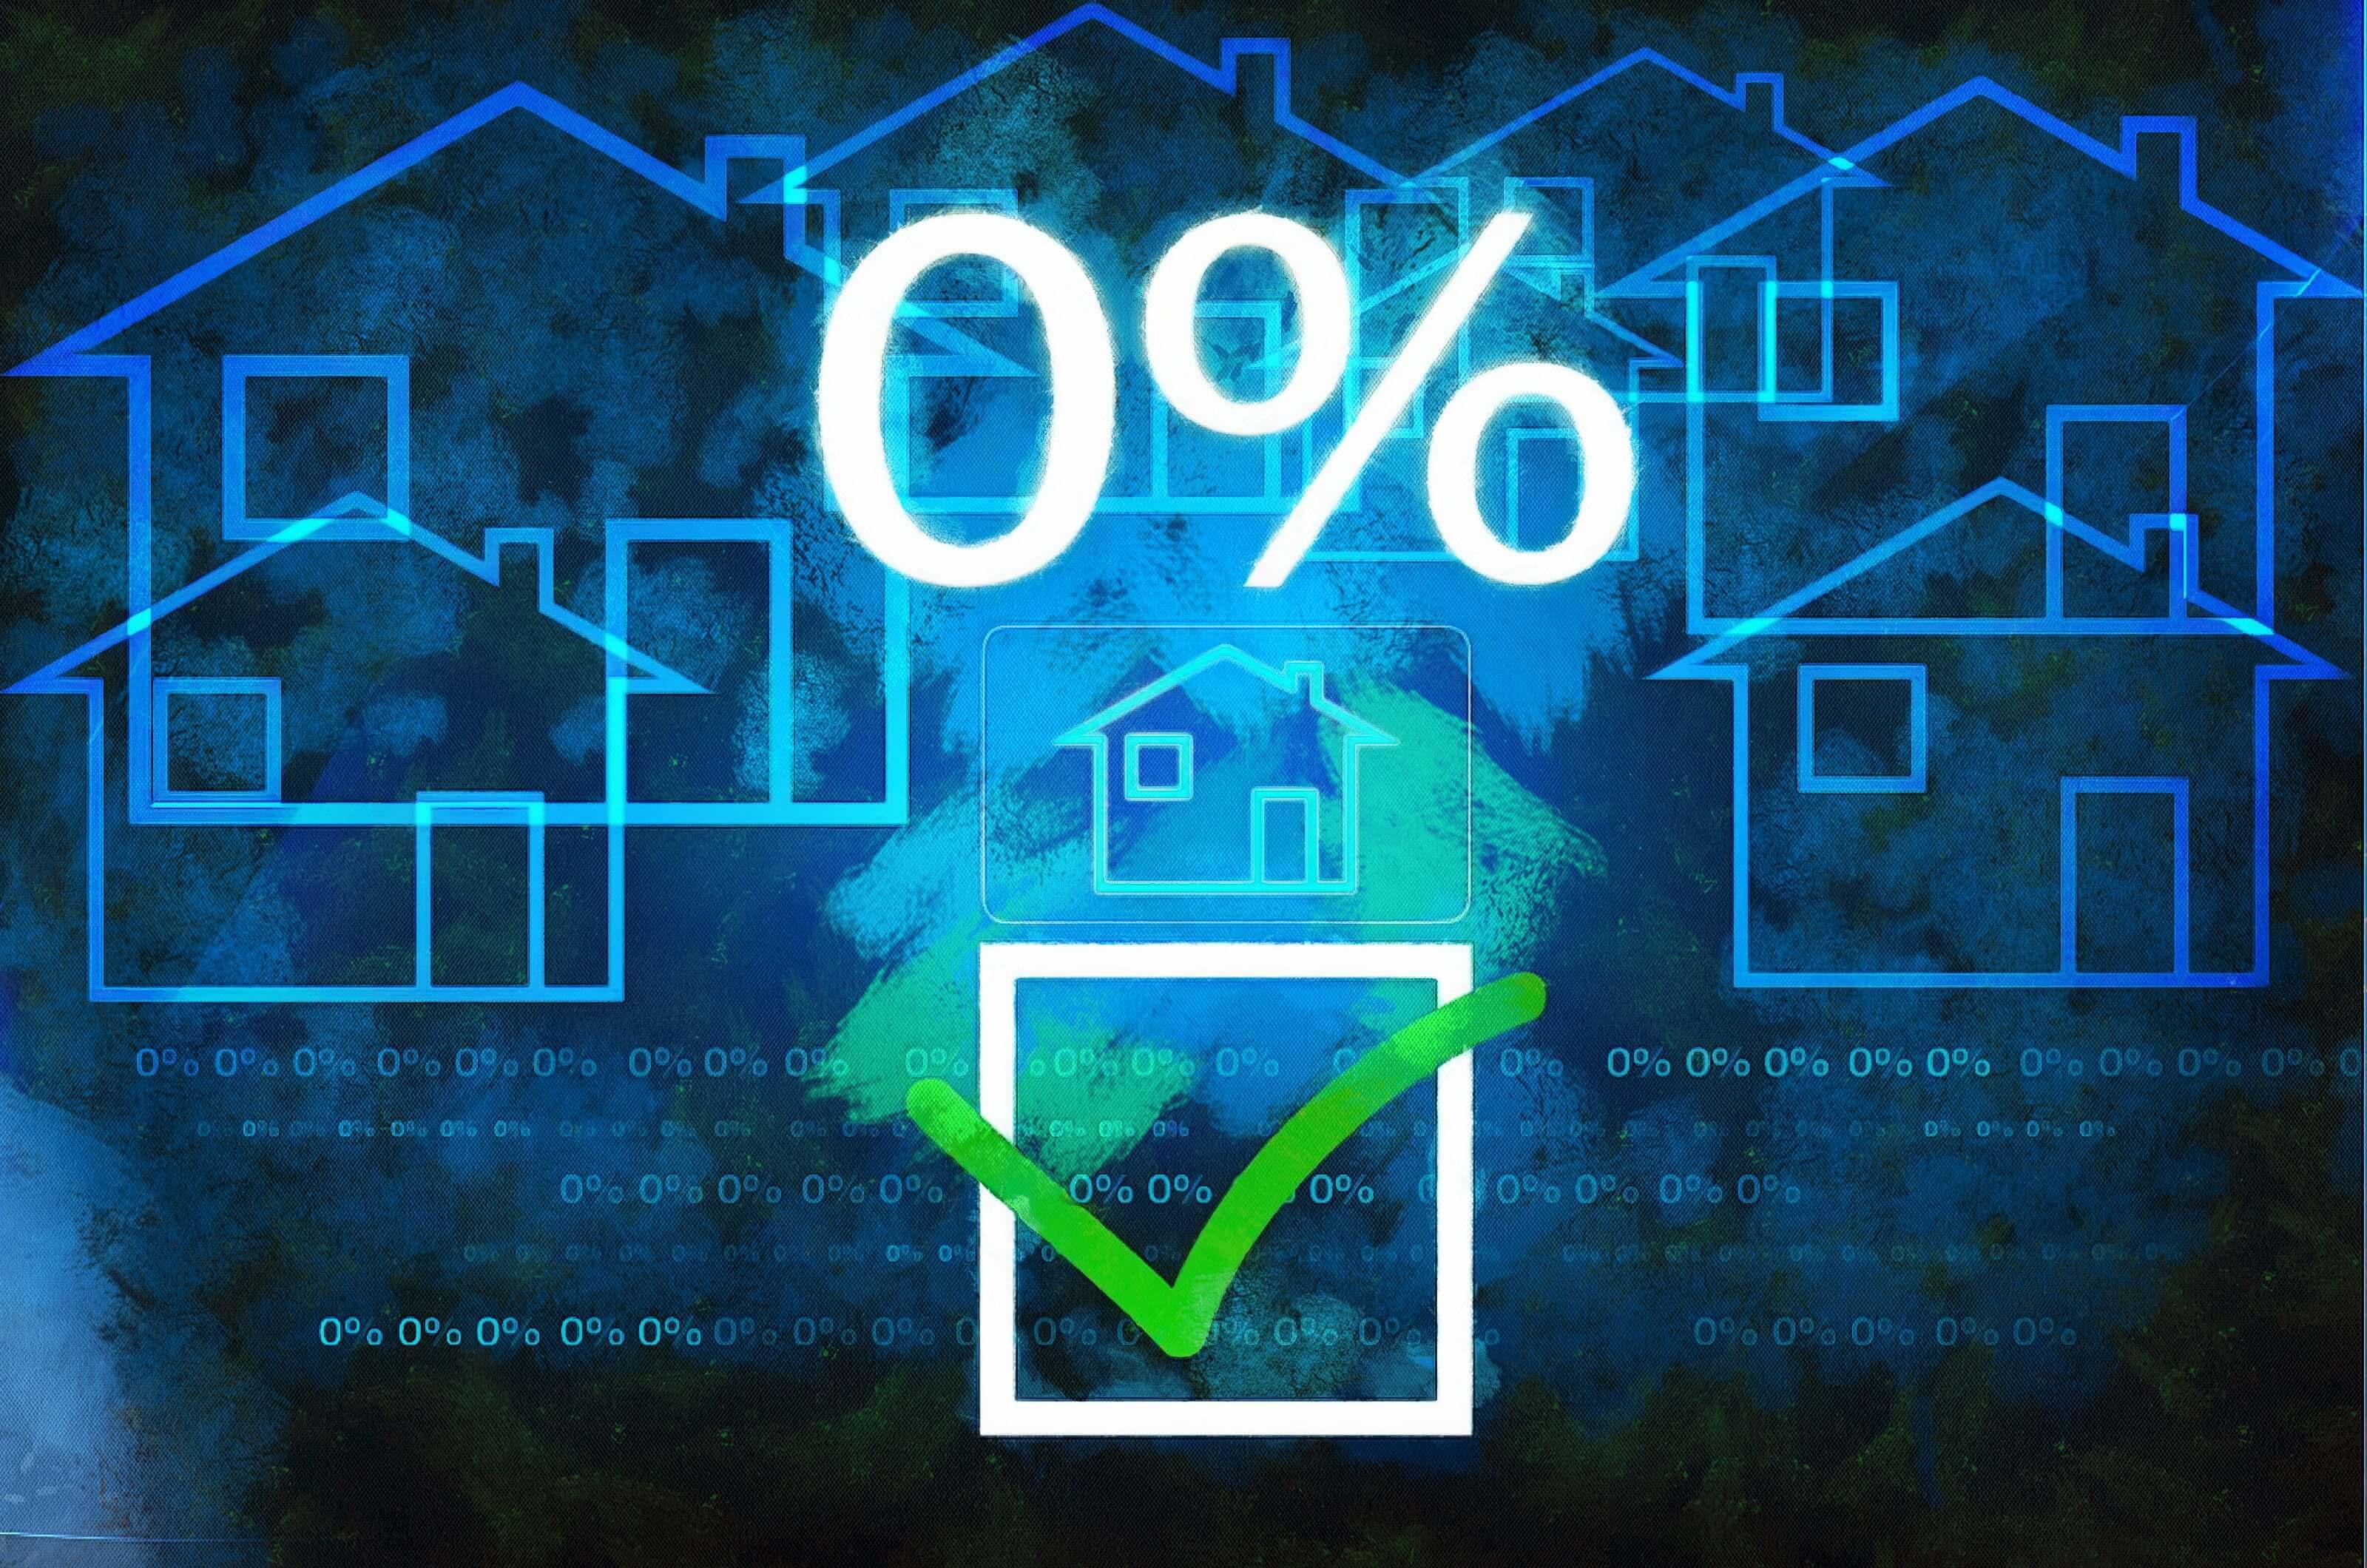 Где взять ипотеку без первоначального взноса?